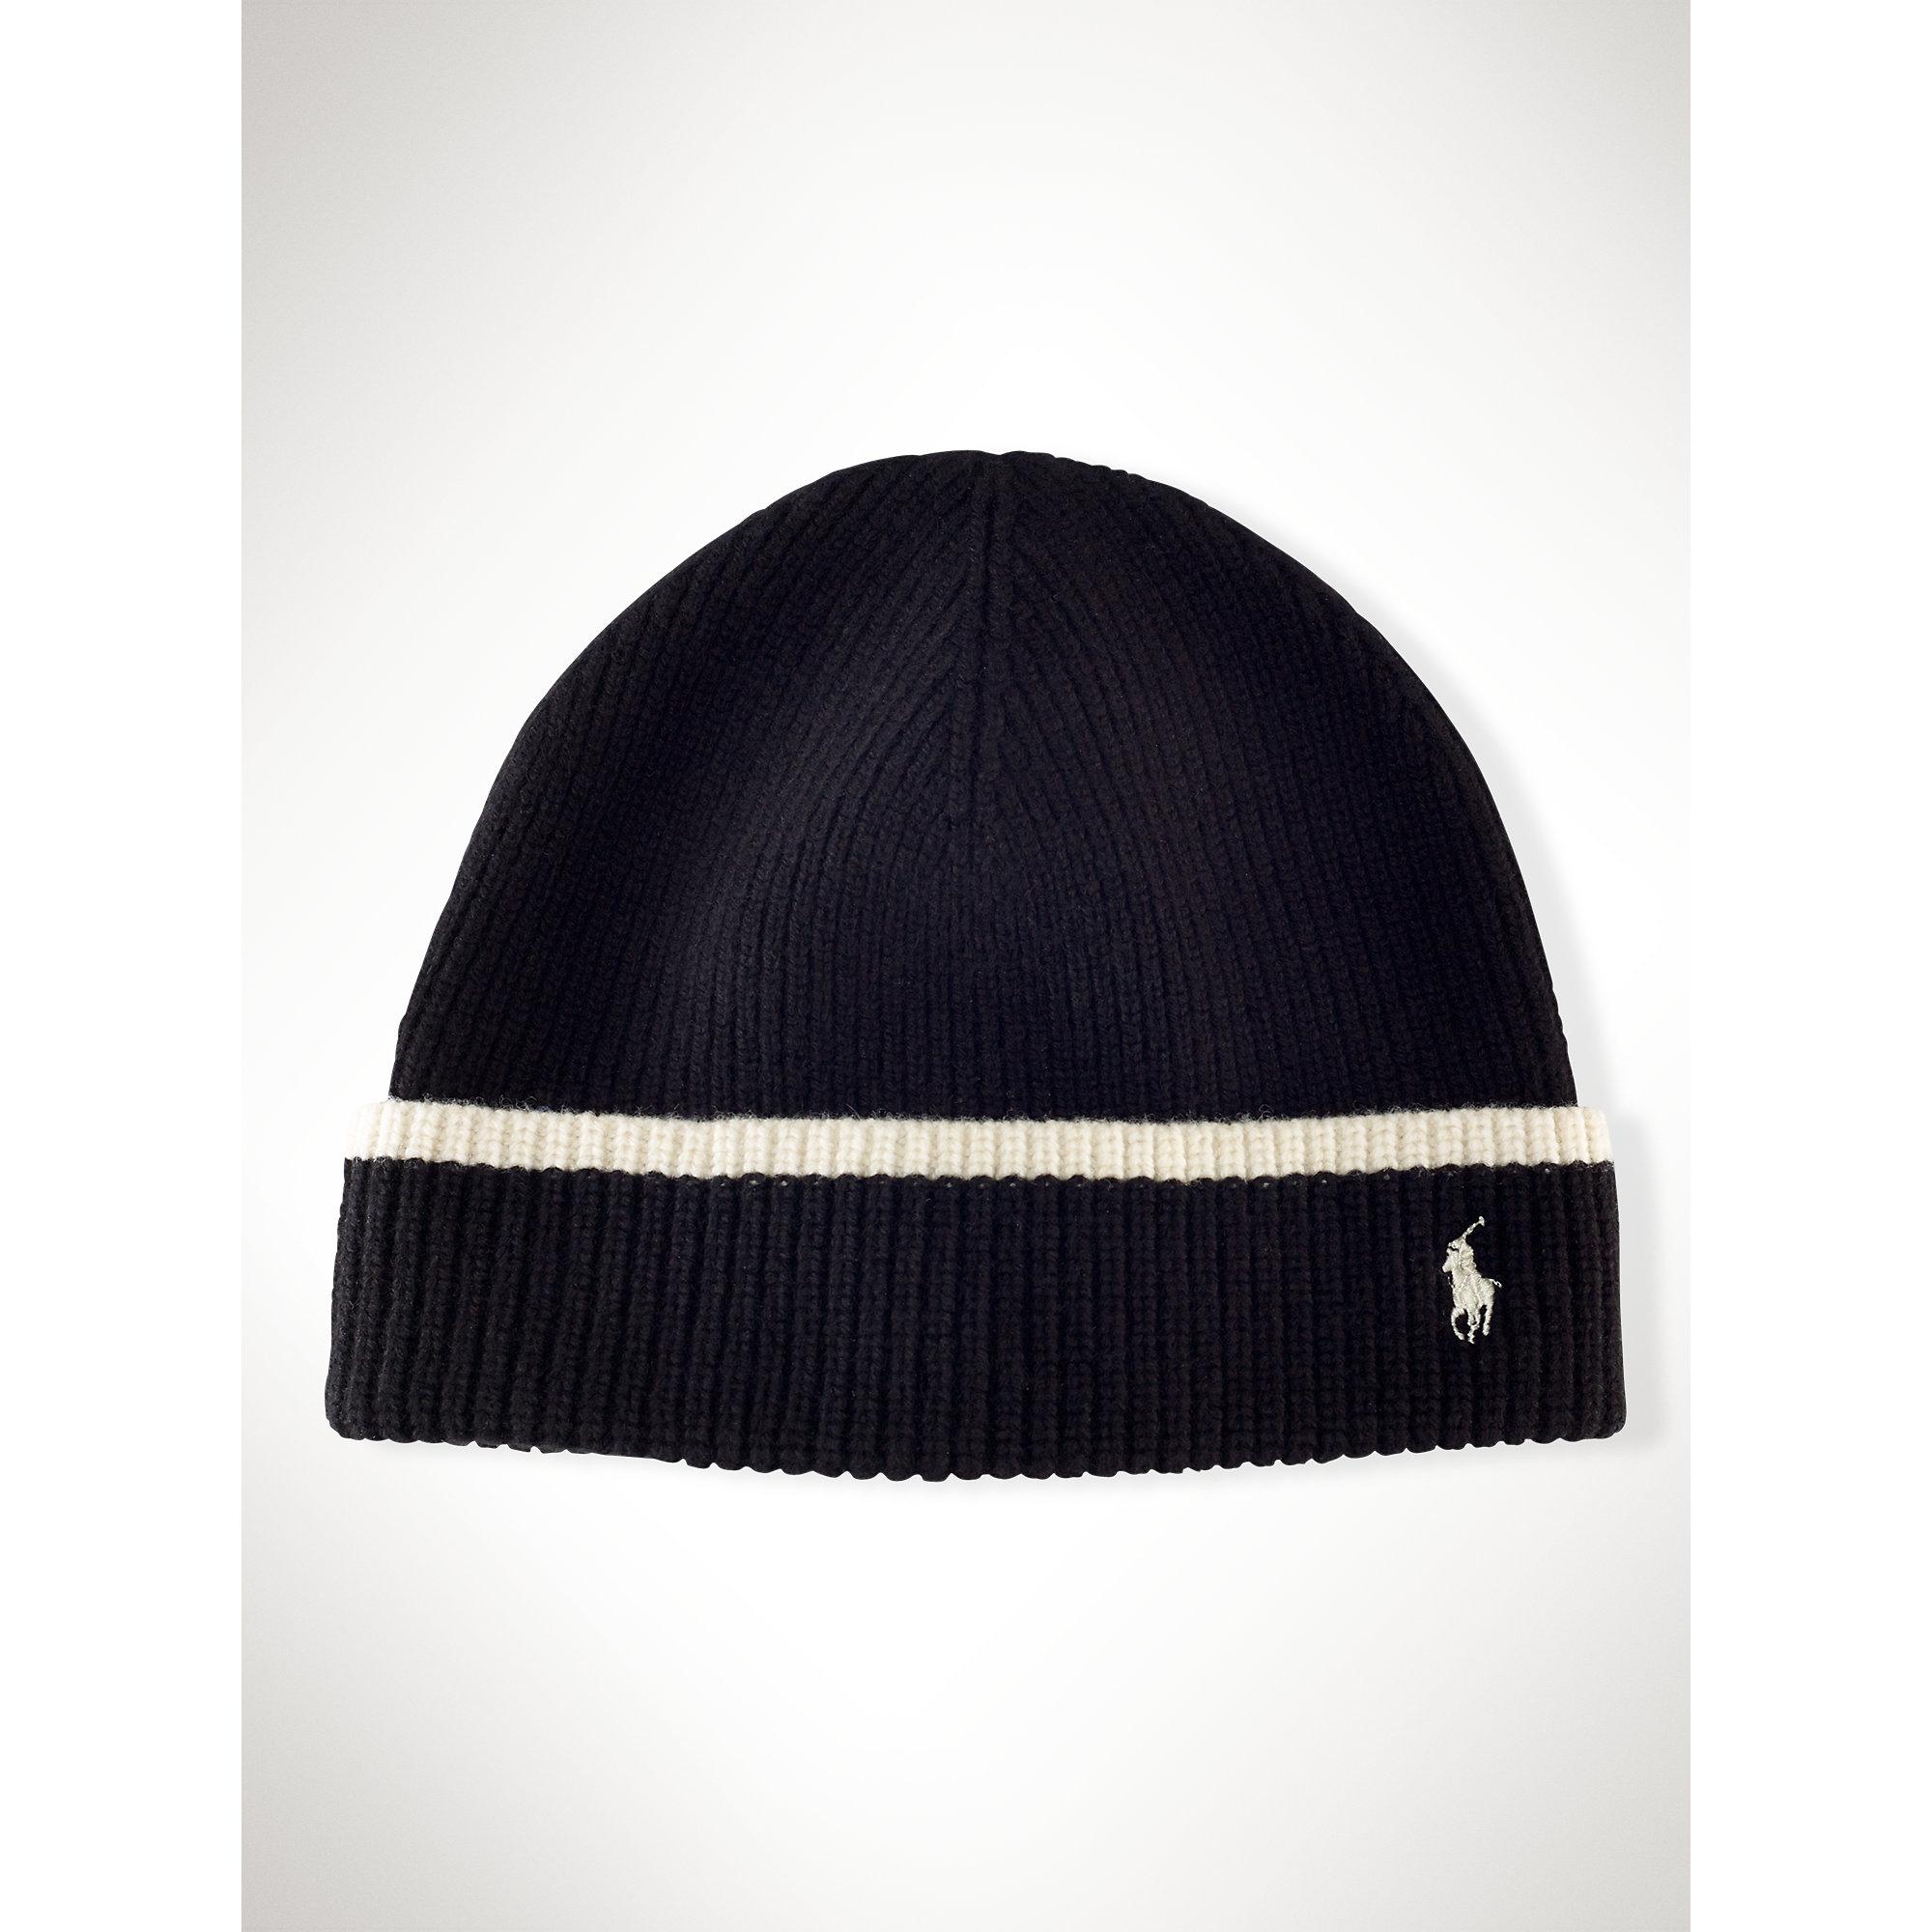 3ede800129f Lyst - Polo Ralph Lauren Merino Wool Hat in Black